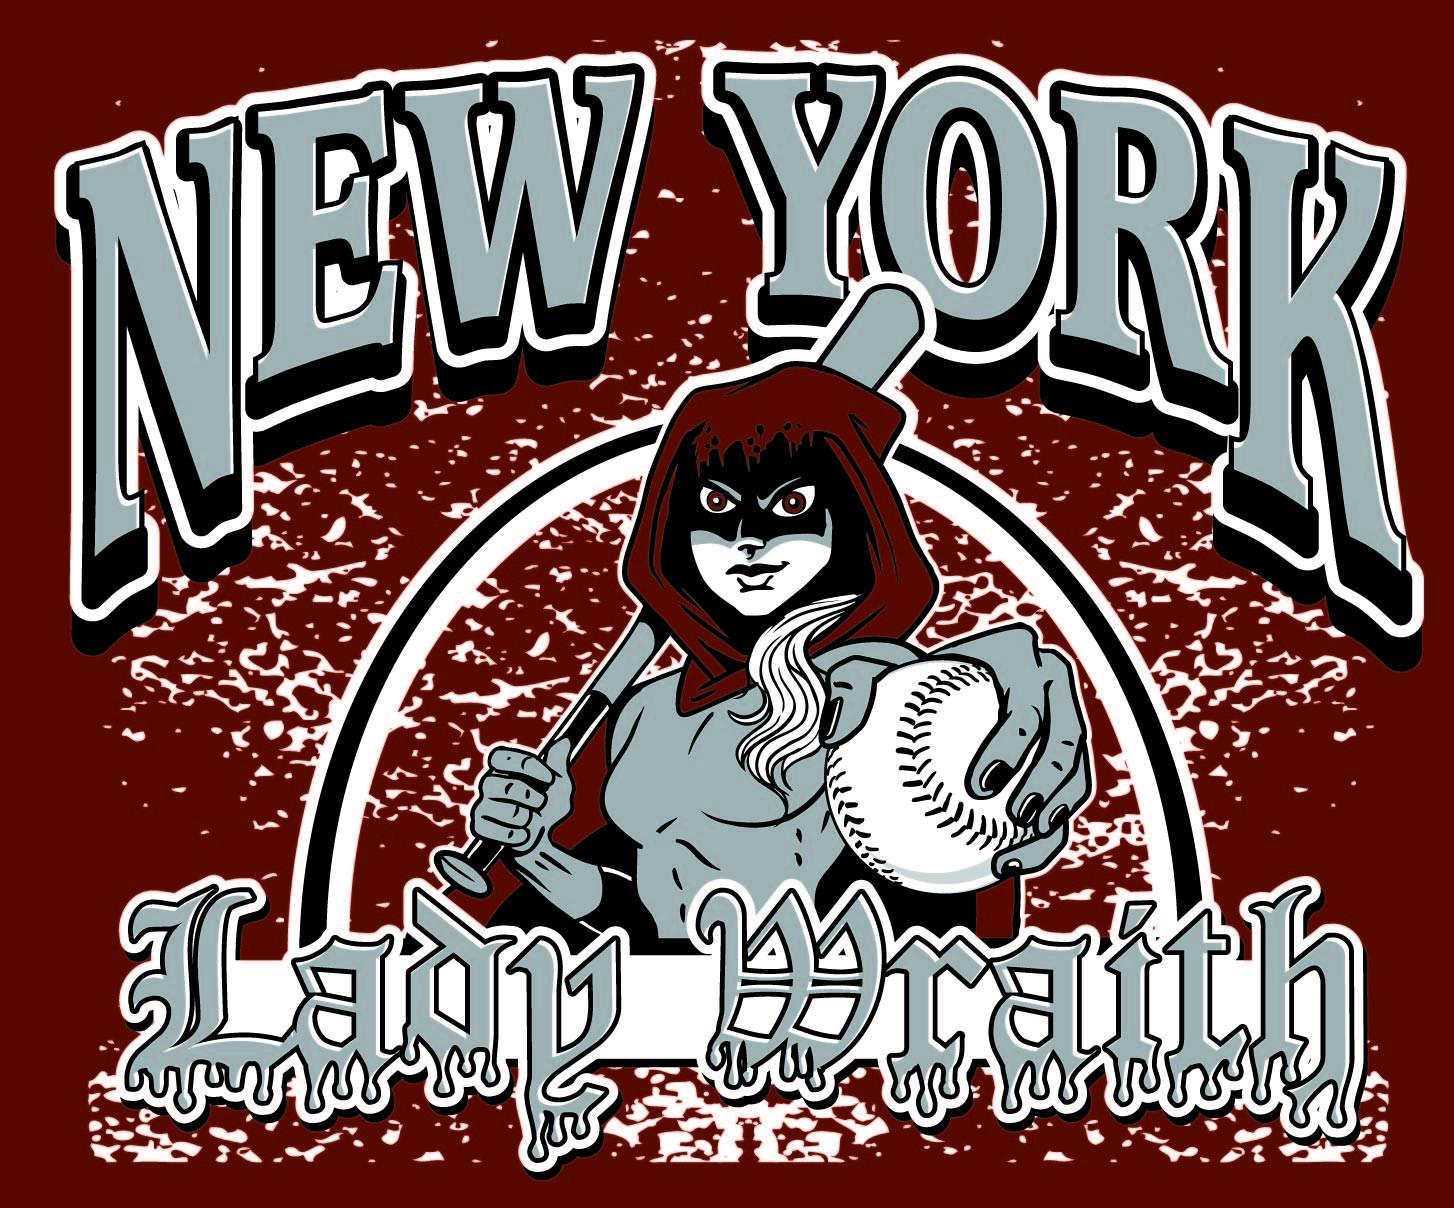 NY Lady Wraith